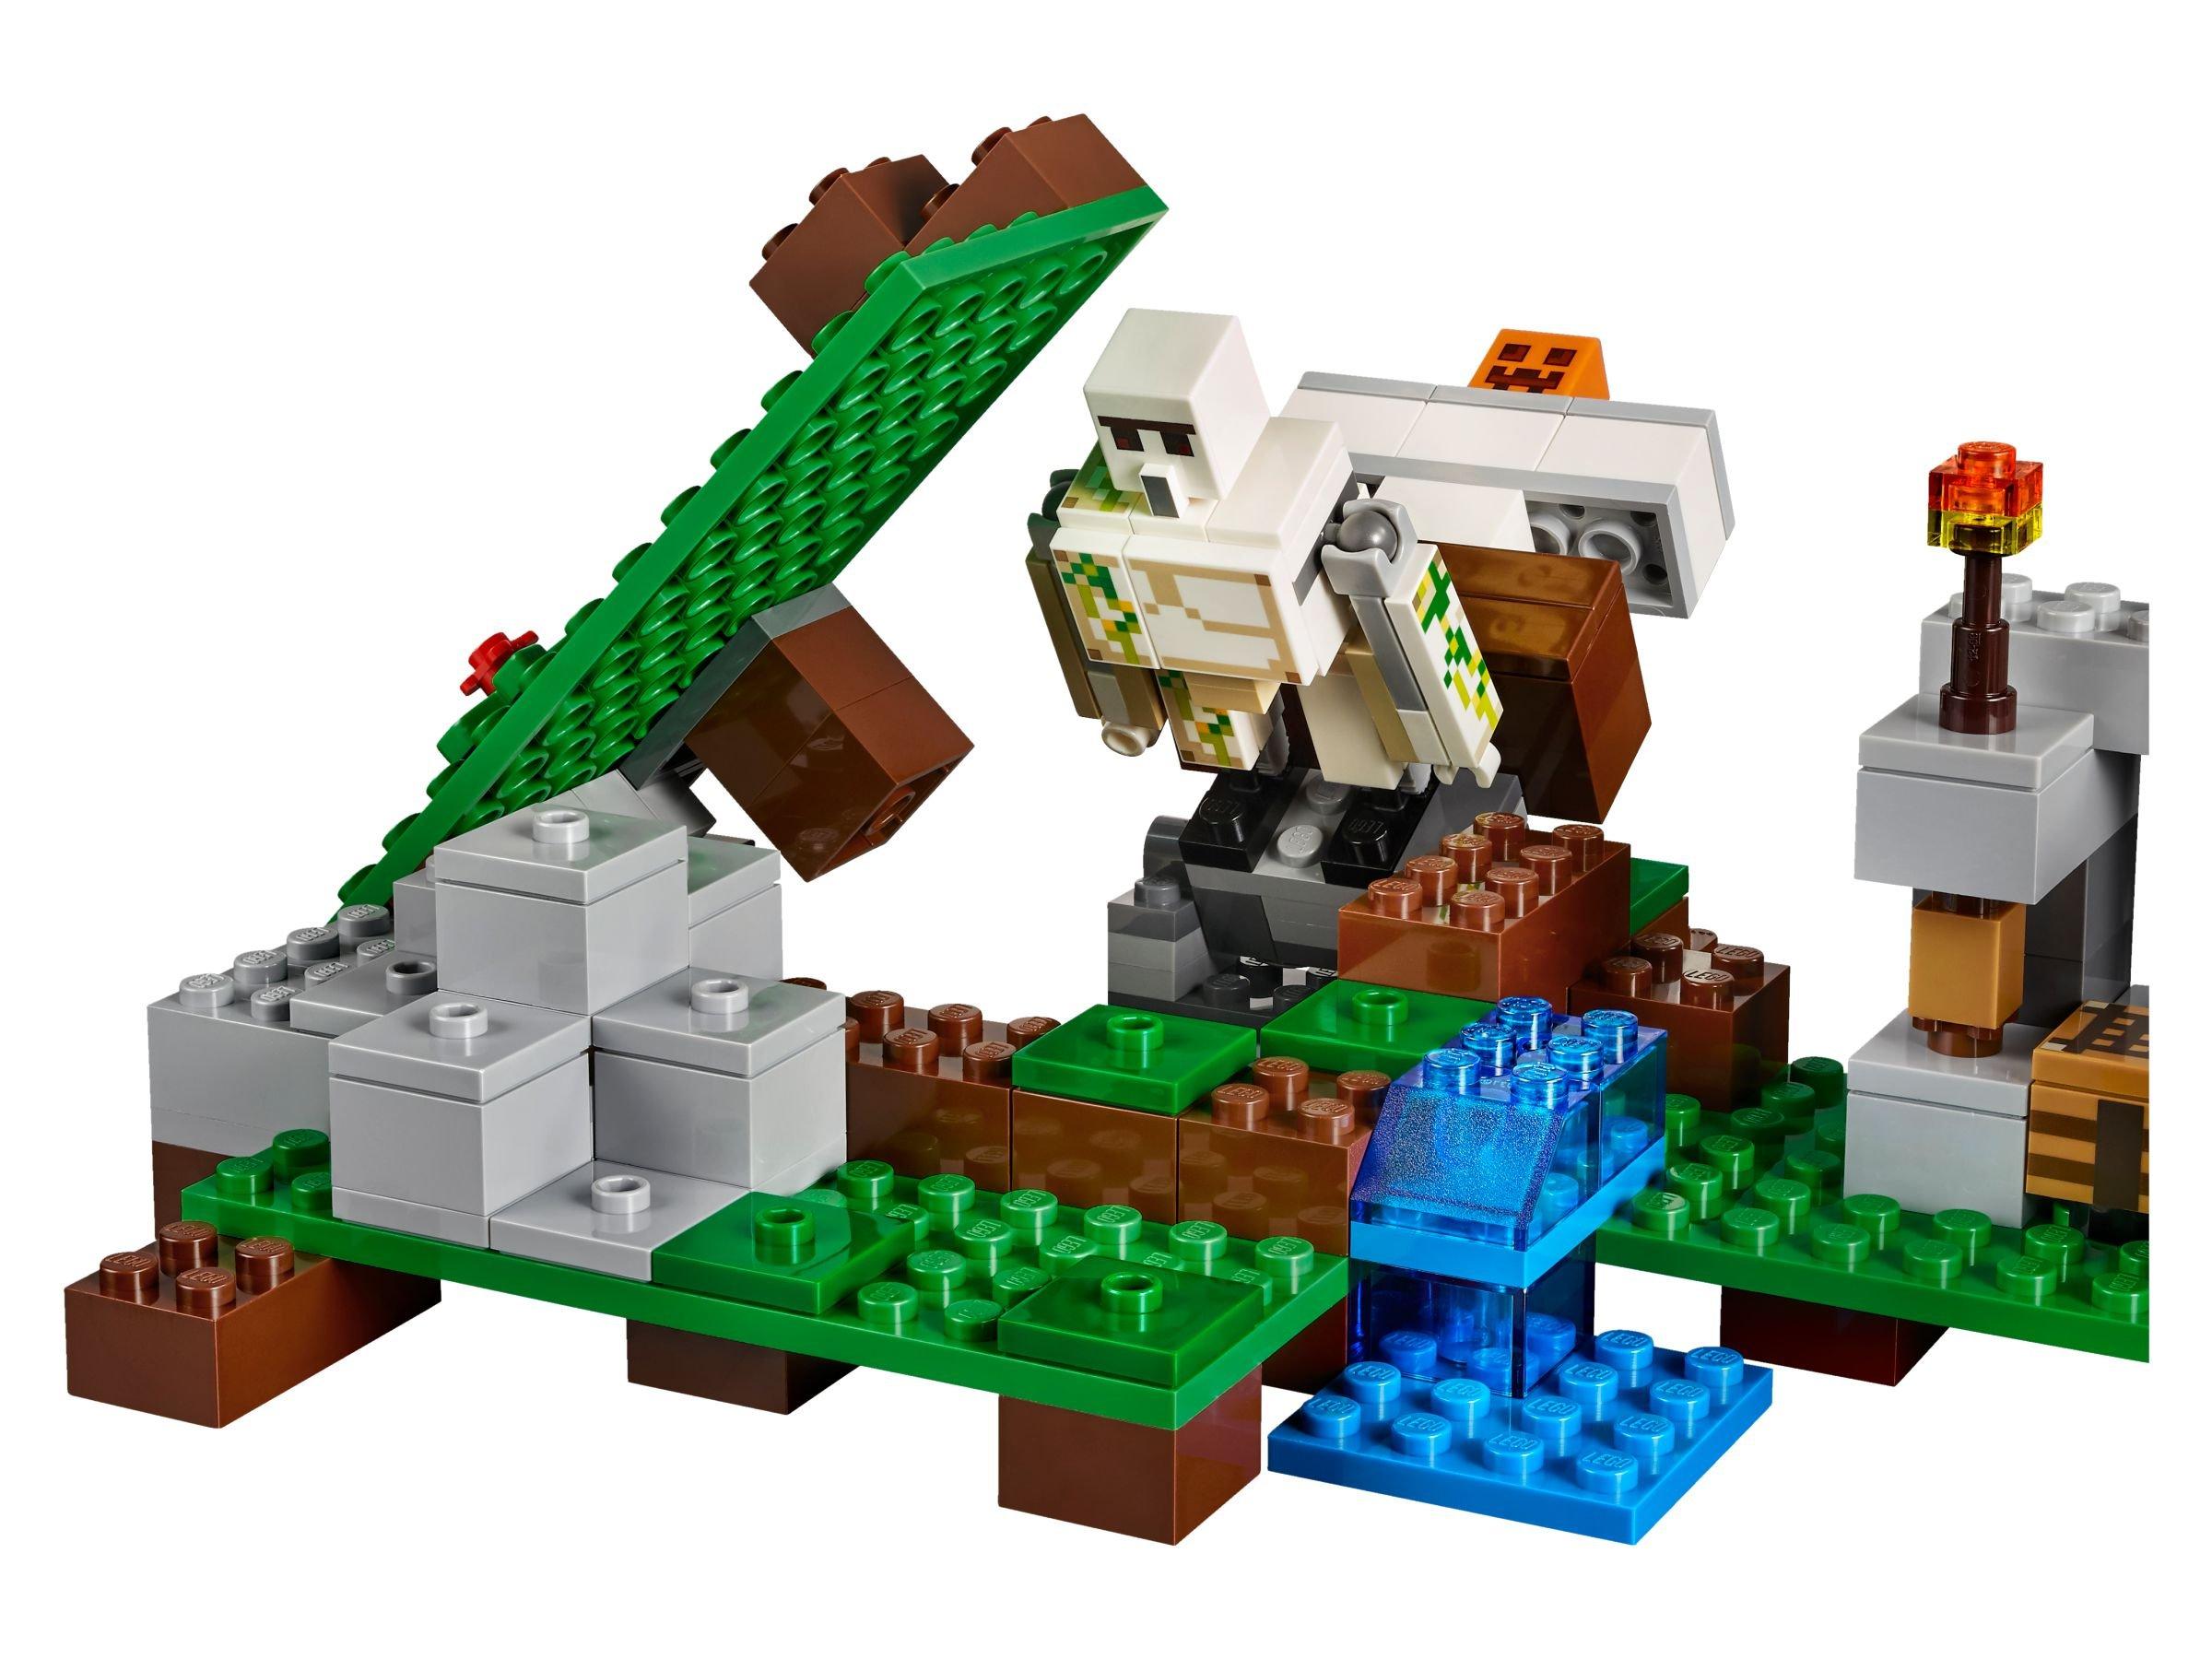 Lego Minecraft 21123 Der Eisengolem Brickmerge